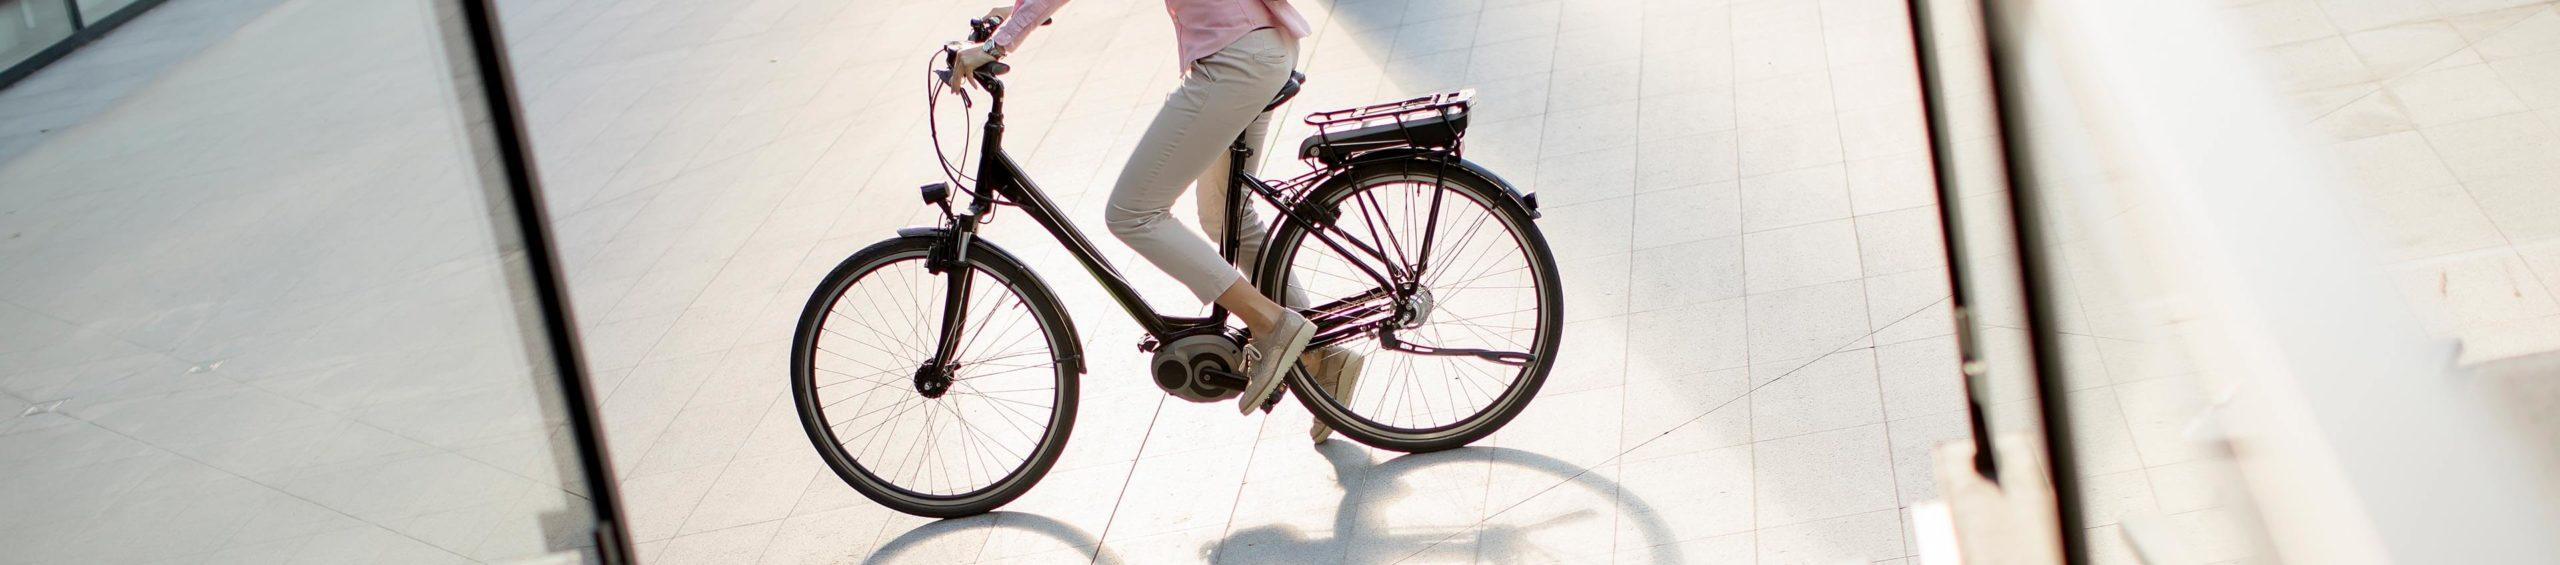 black friday elektrische fiets